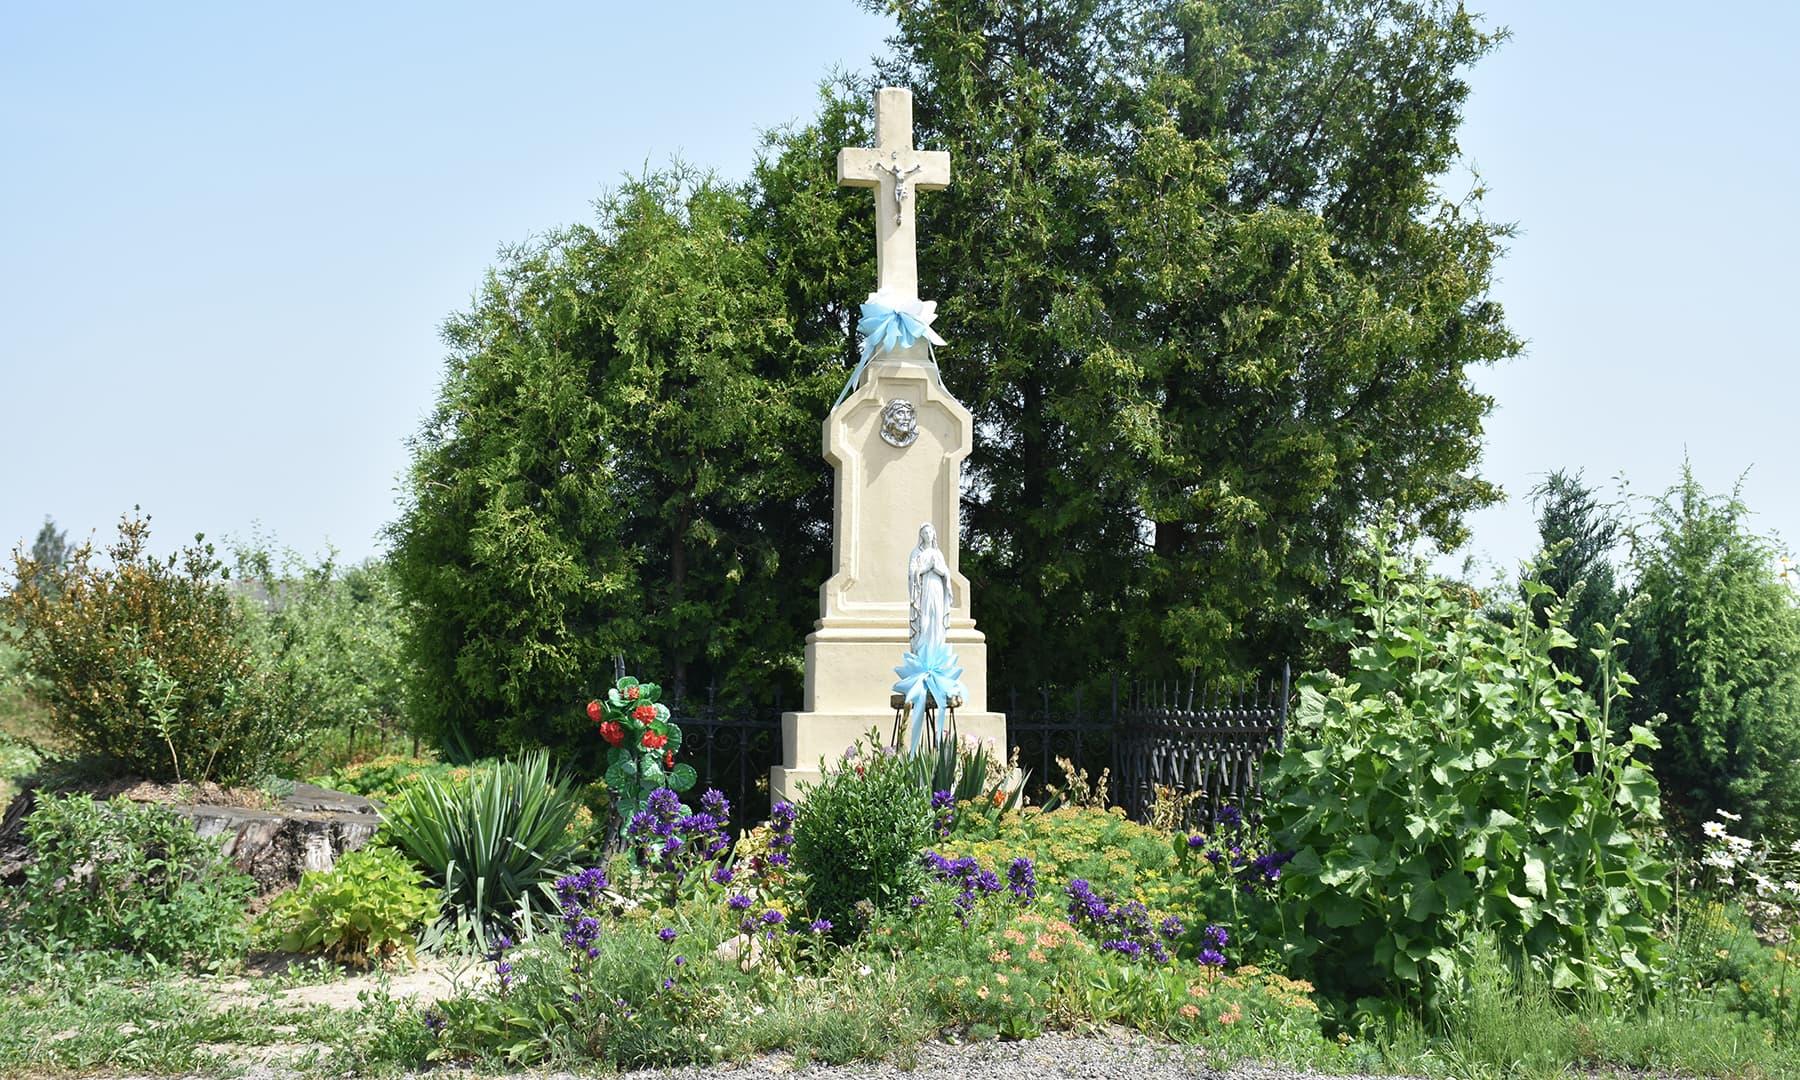 سفر کے دوران اکثر گاؤں کے موڑ پر بڑا کھمبا نما صلیب کا نشان دکھائی دیتا